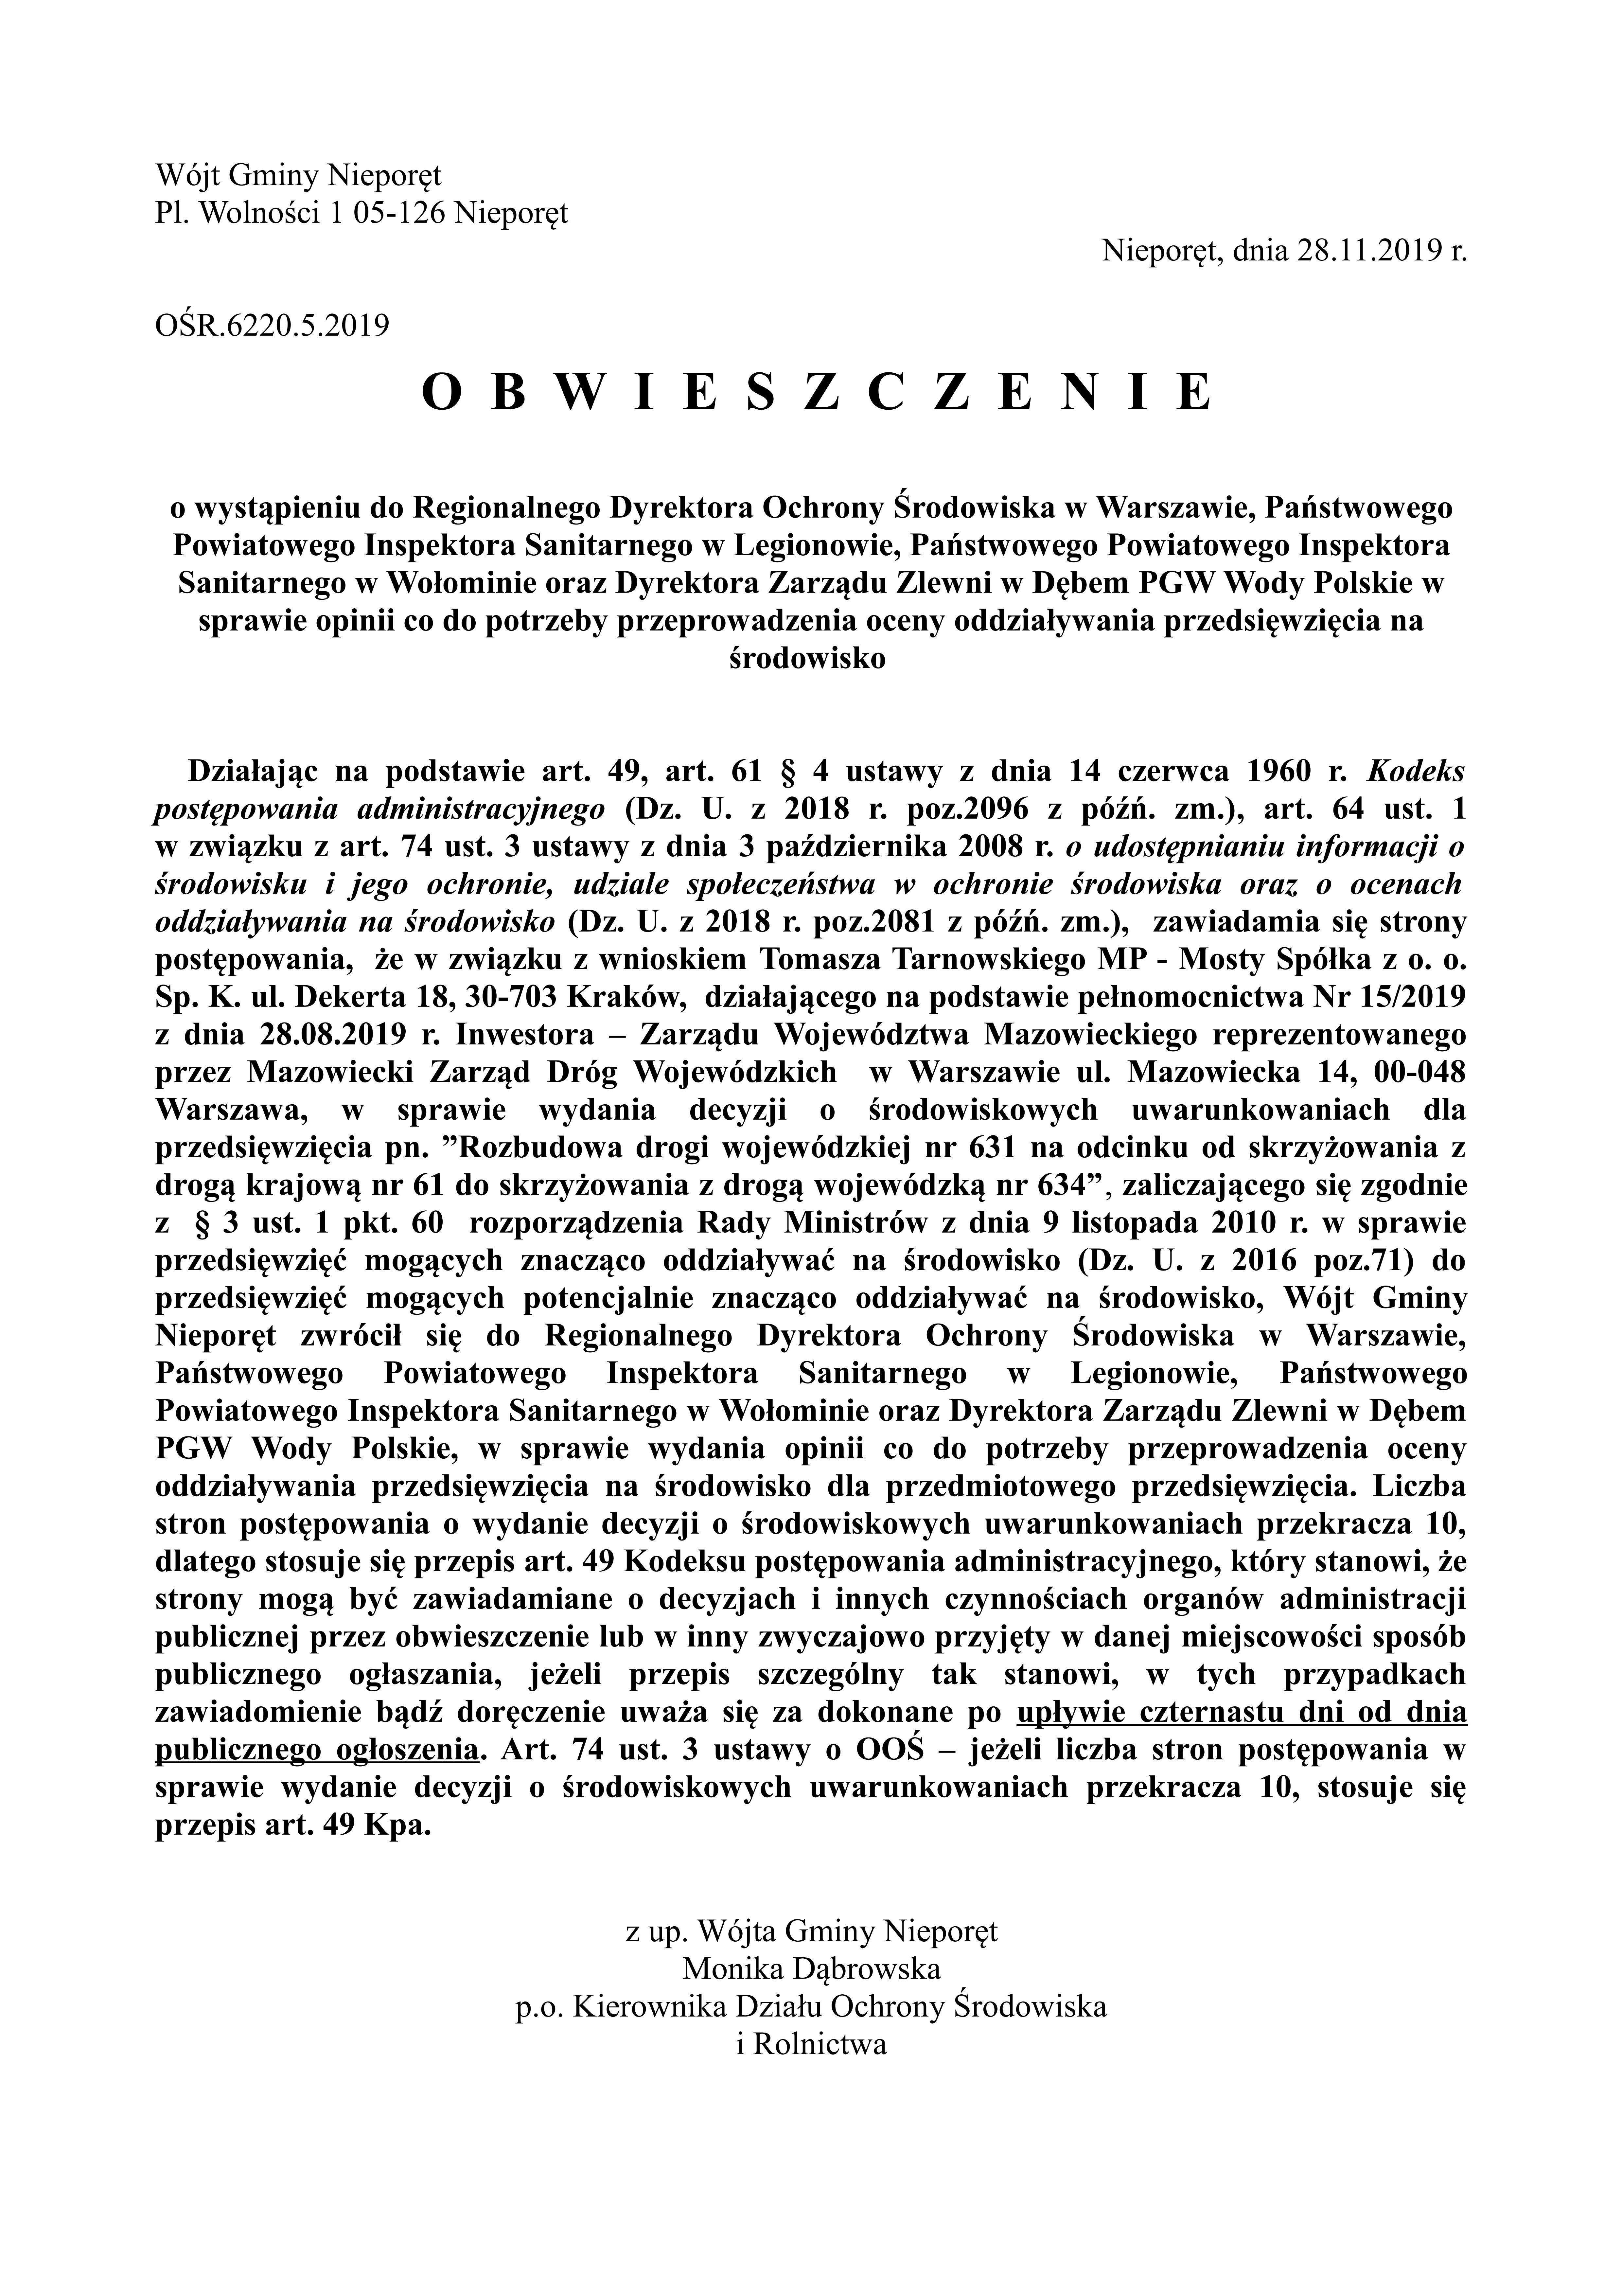 obwieszczenie18982938